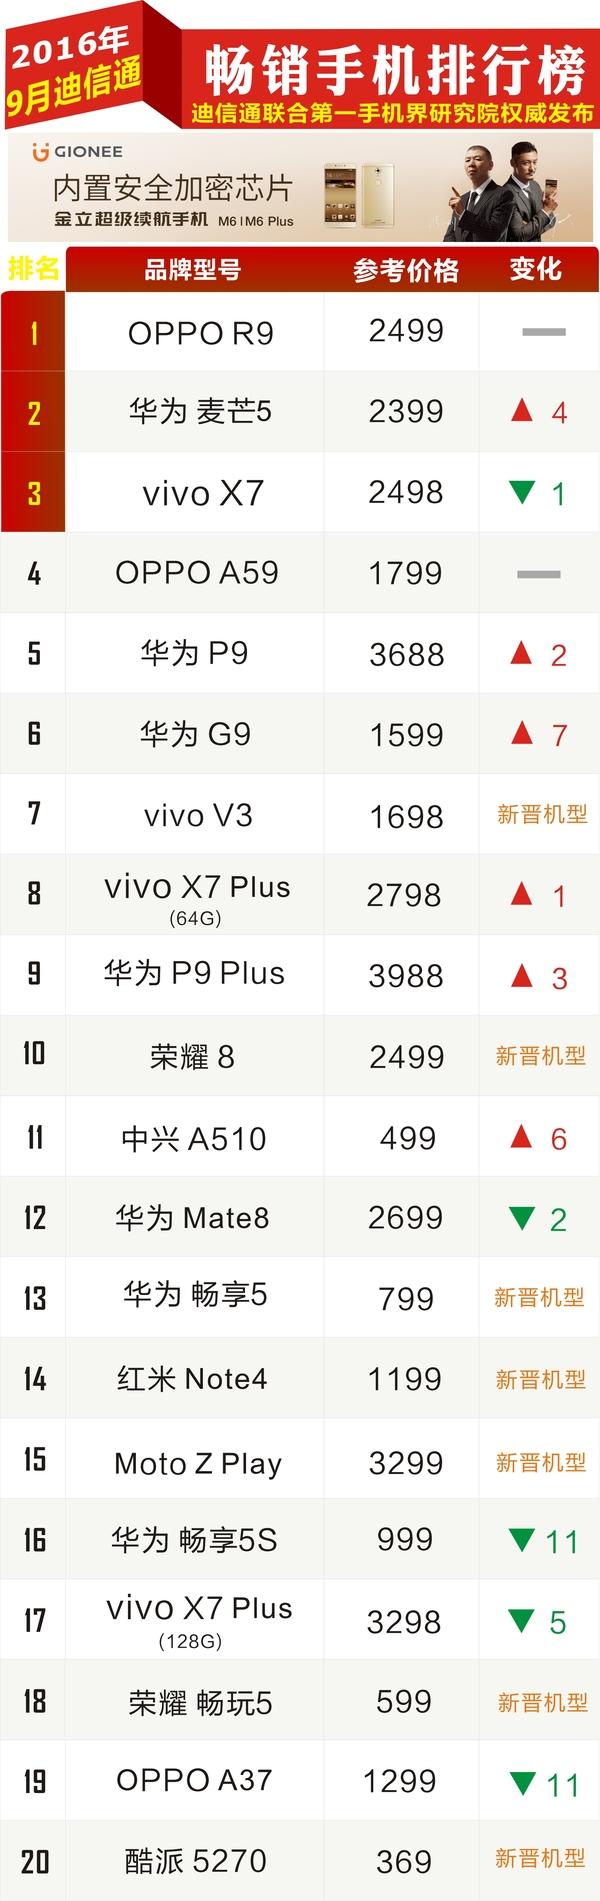 九月份迪信通热销手机排行榜:iPhone 7未入选